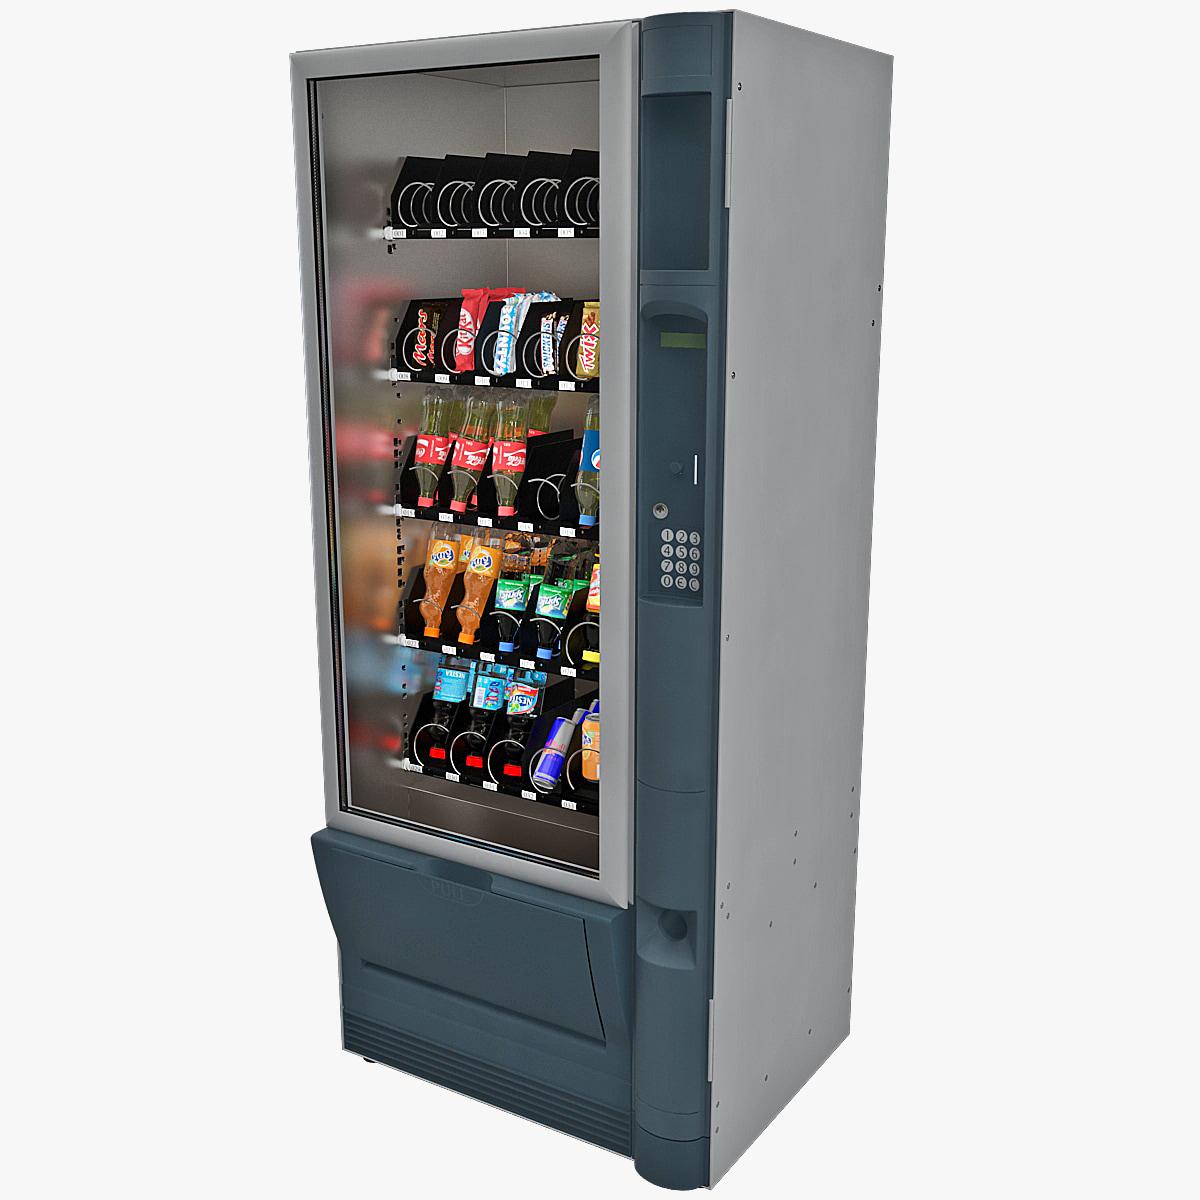 Vending_Machine_v2_000.jpg